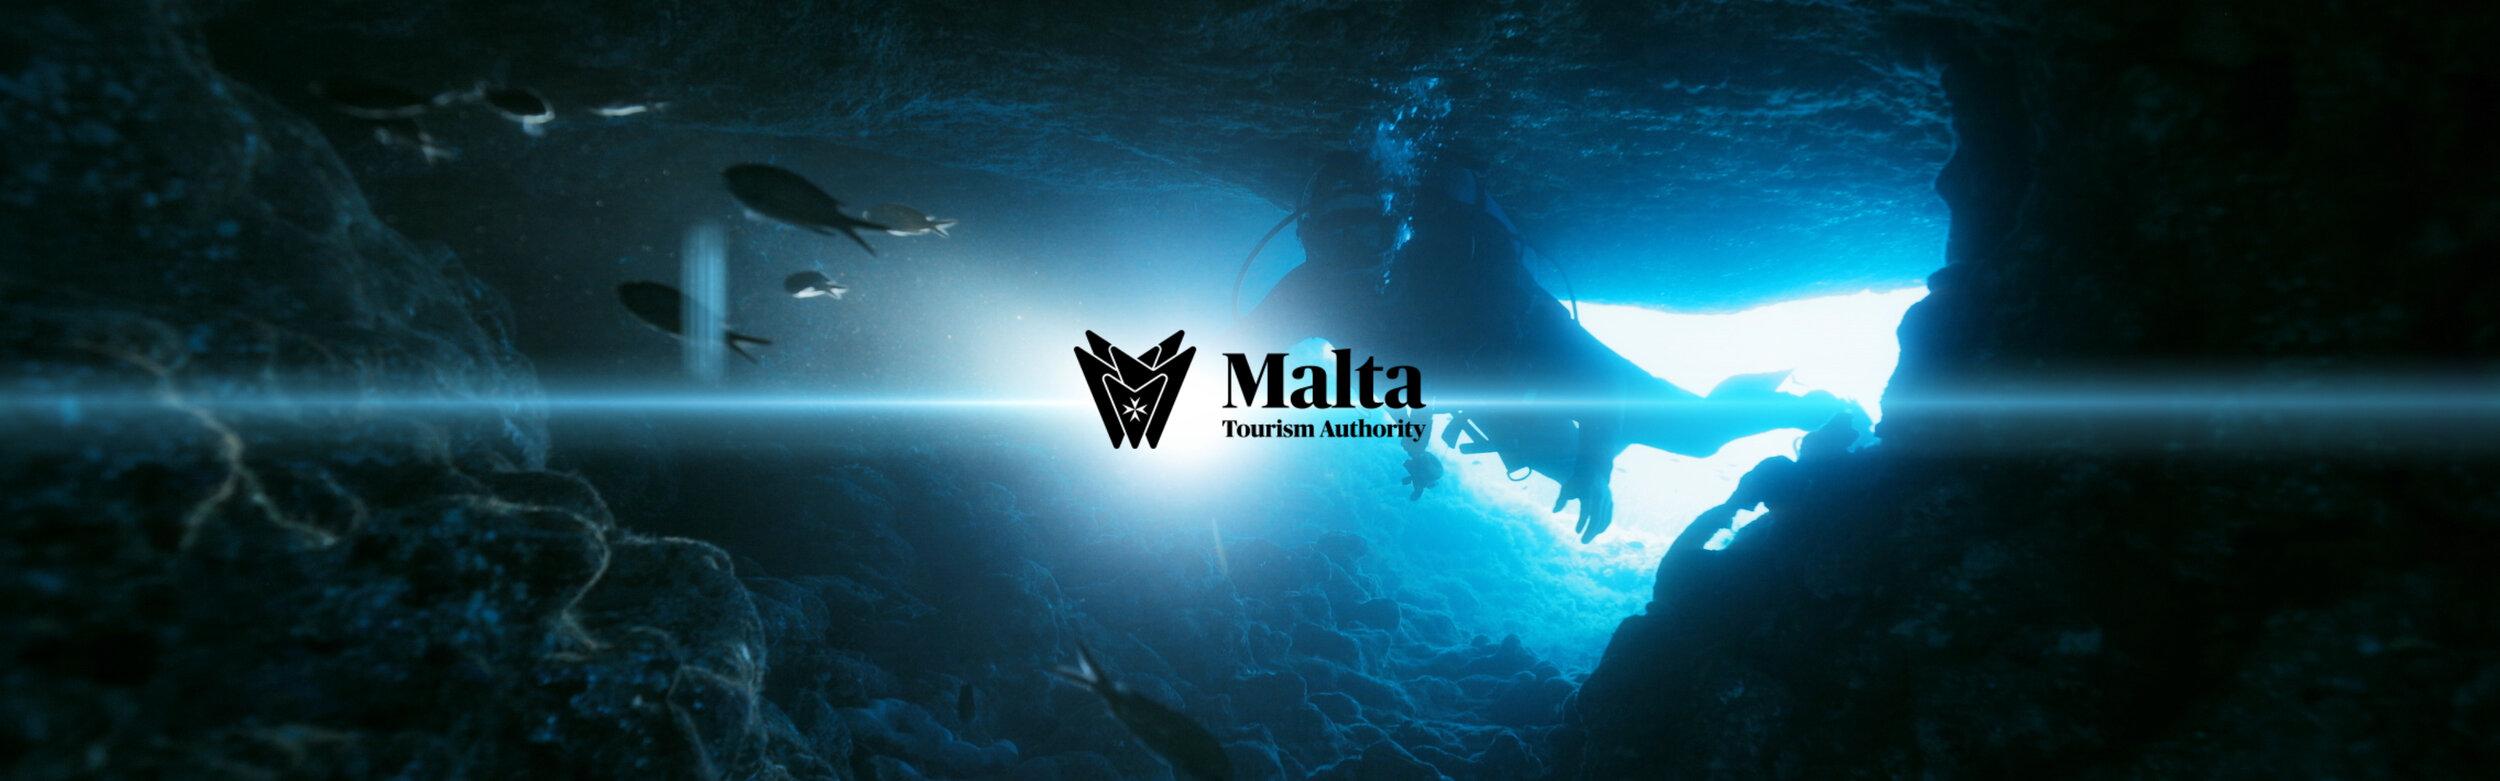 Malta Tourism Shot_00000.jpg